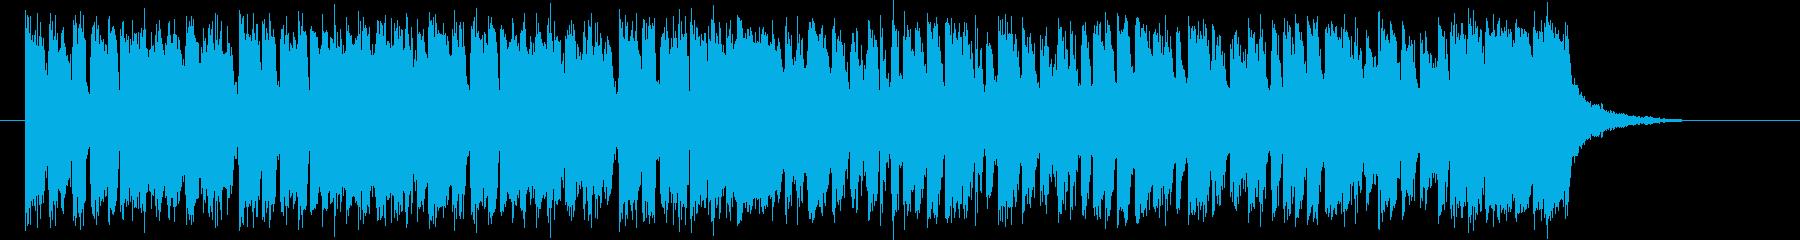 ギラギラした懐かしいシンセサイザーの曲の再生済みの波形